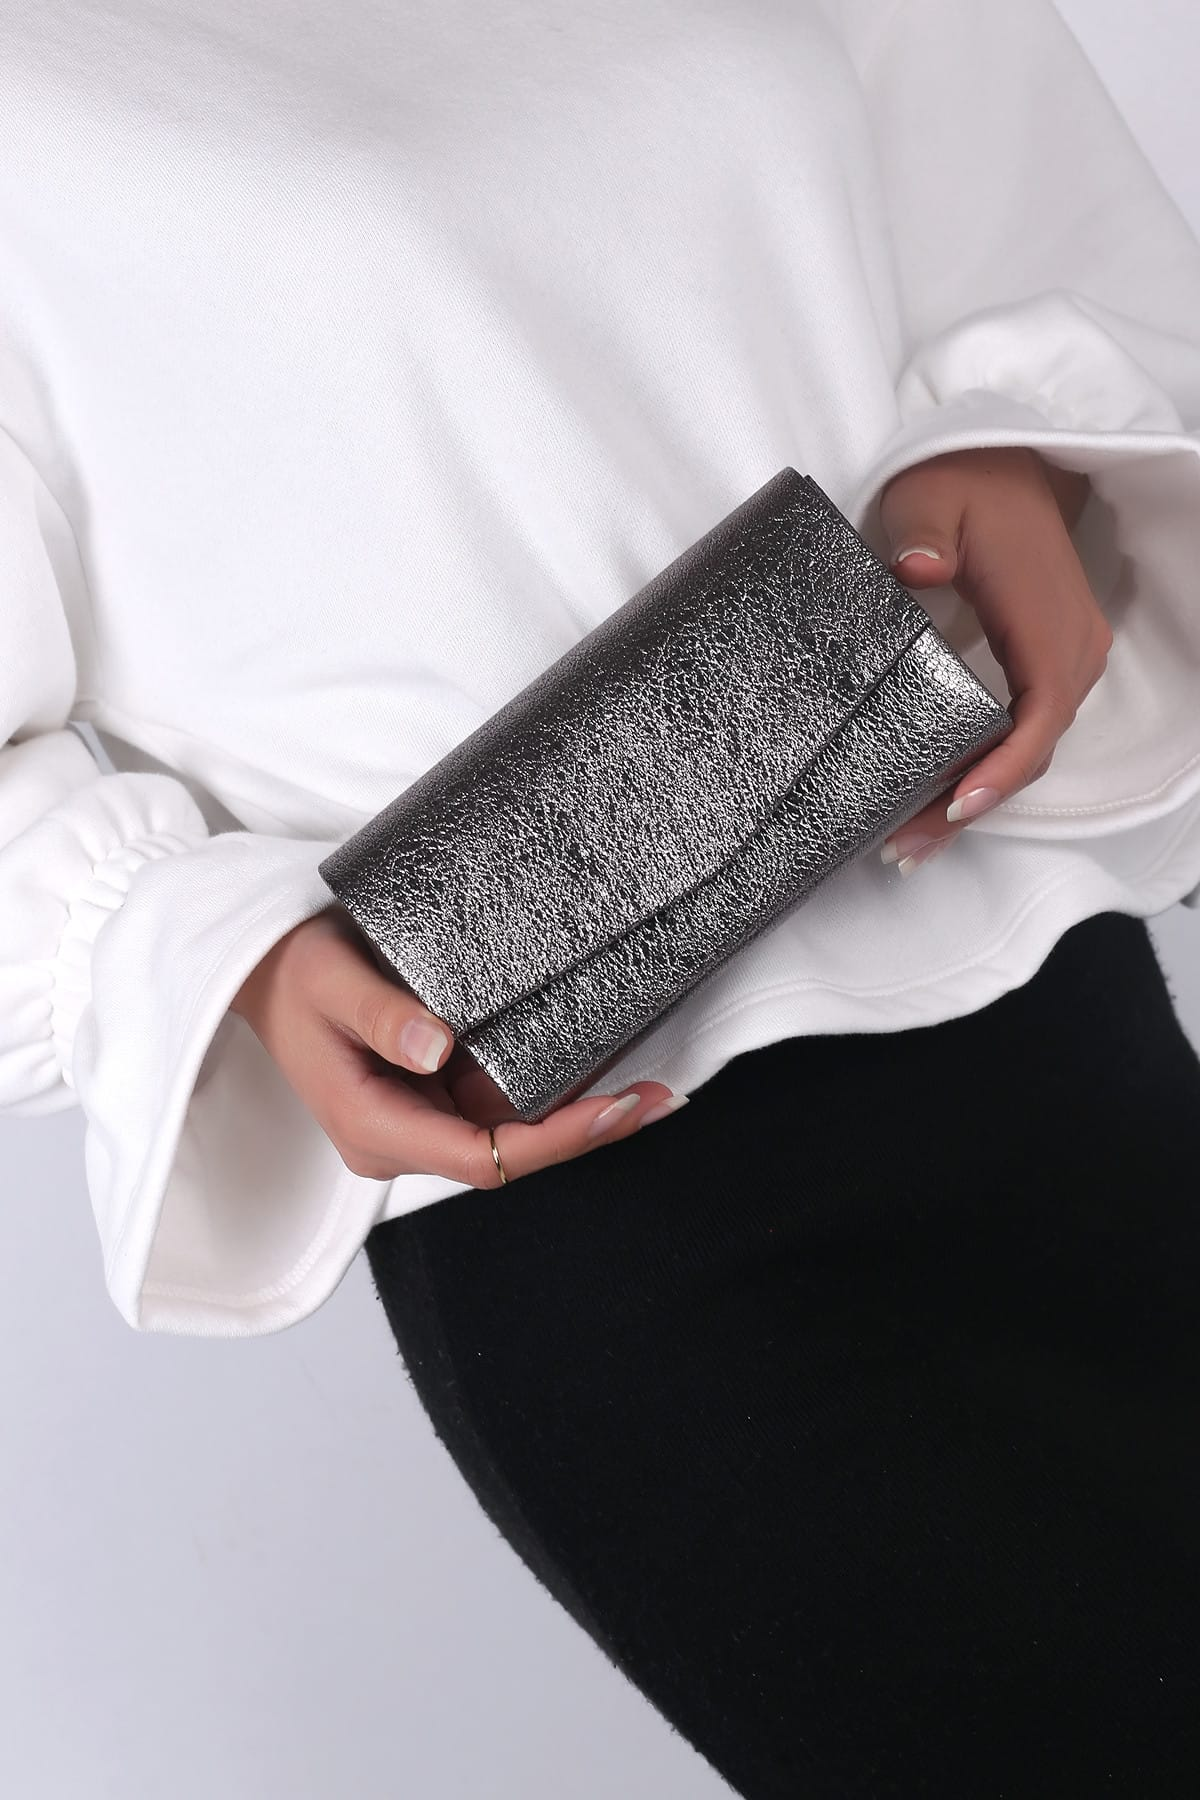 خرید نقدی کیف مجلسی دخترانه ترک  برند WMİLANO رنگ نقره کد ty3715272